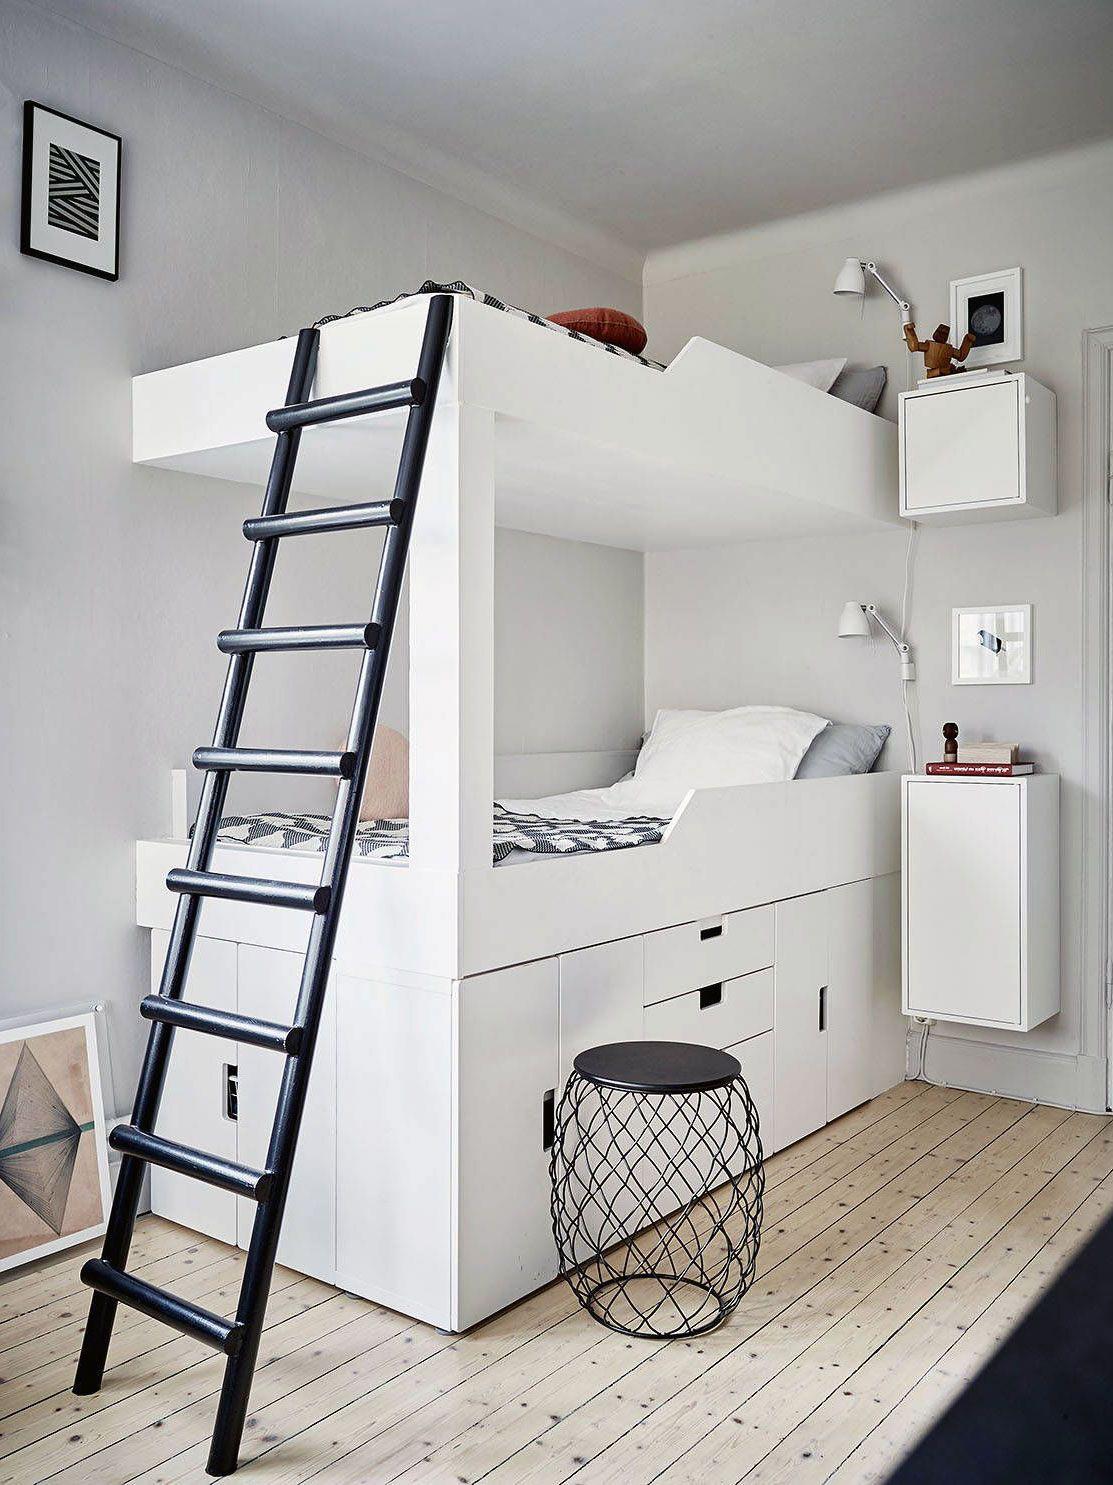 41 Beautiful Scandinavian Bedroom Loft Design Ideas In 2020 Scandinavian Interior Bedroom Scandinavian Bedroom Decor Bedroom Loft